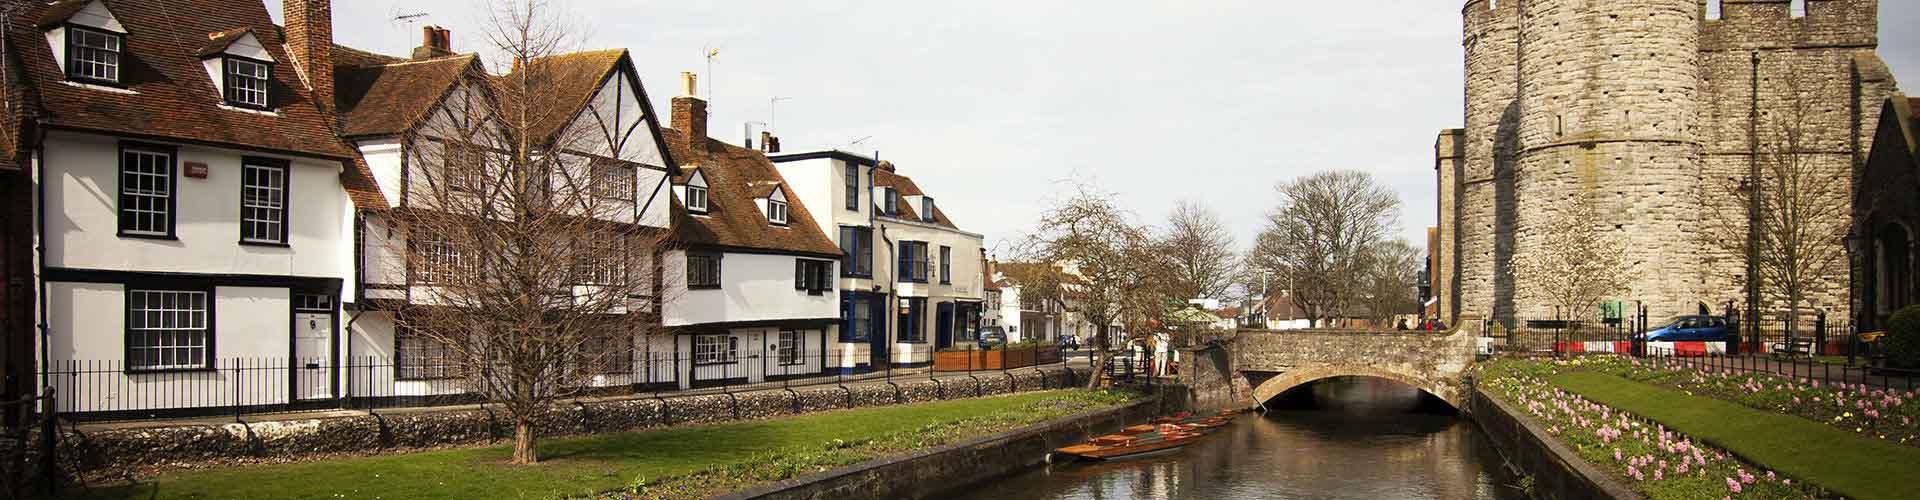 Canterbury - Pokoje w mieście Canterbury, Mapy miasta Canterbury, Zdjęcia i Recenzje dla każdego pokoju w mieście Canterbury.